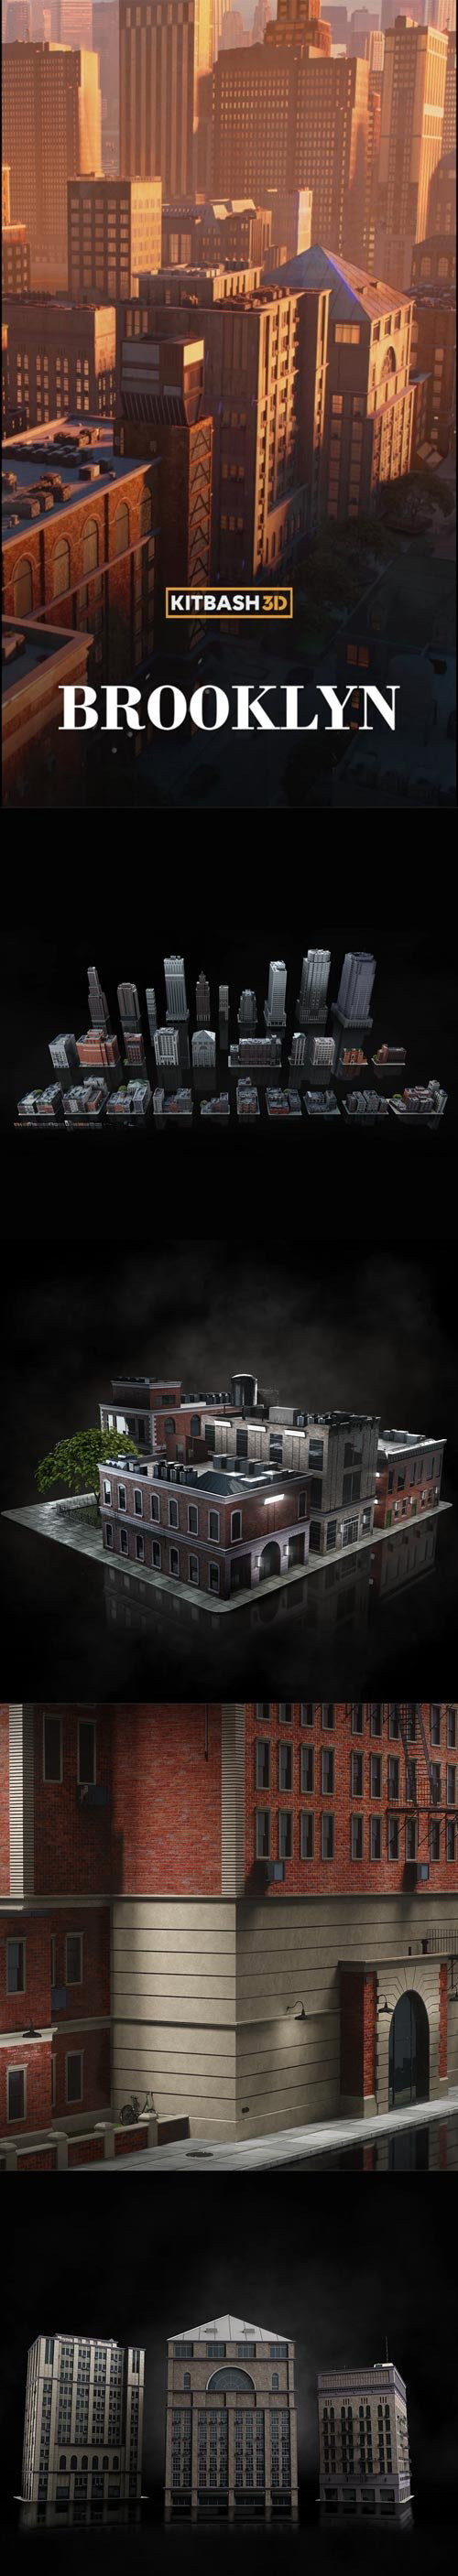 Kitbash3D Brooklyn..